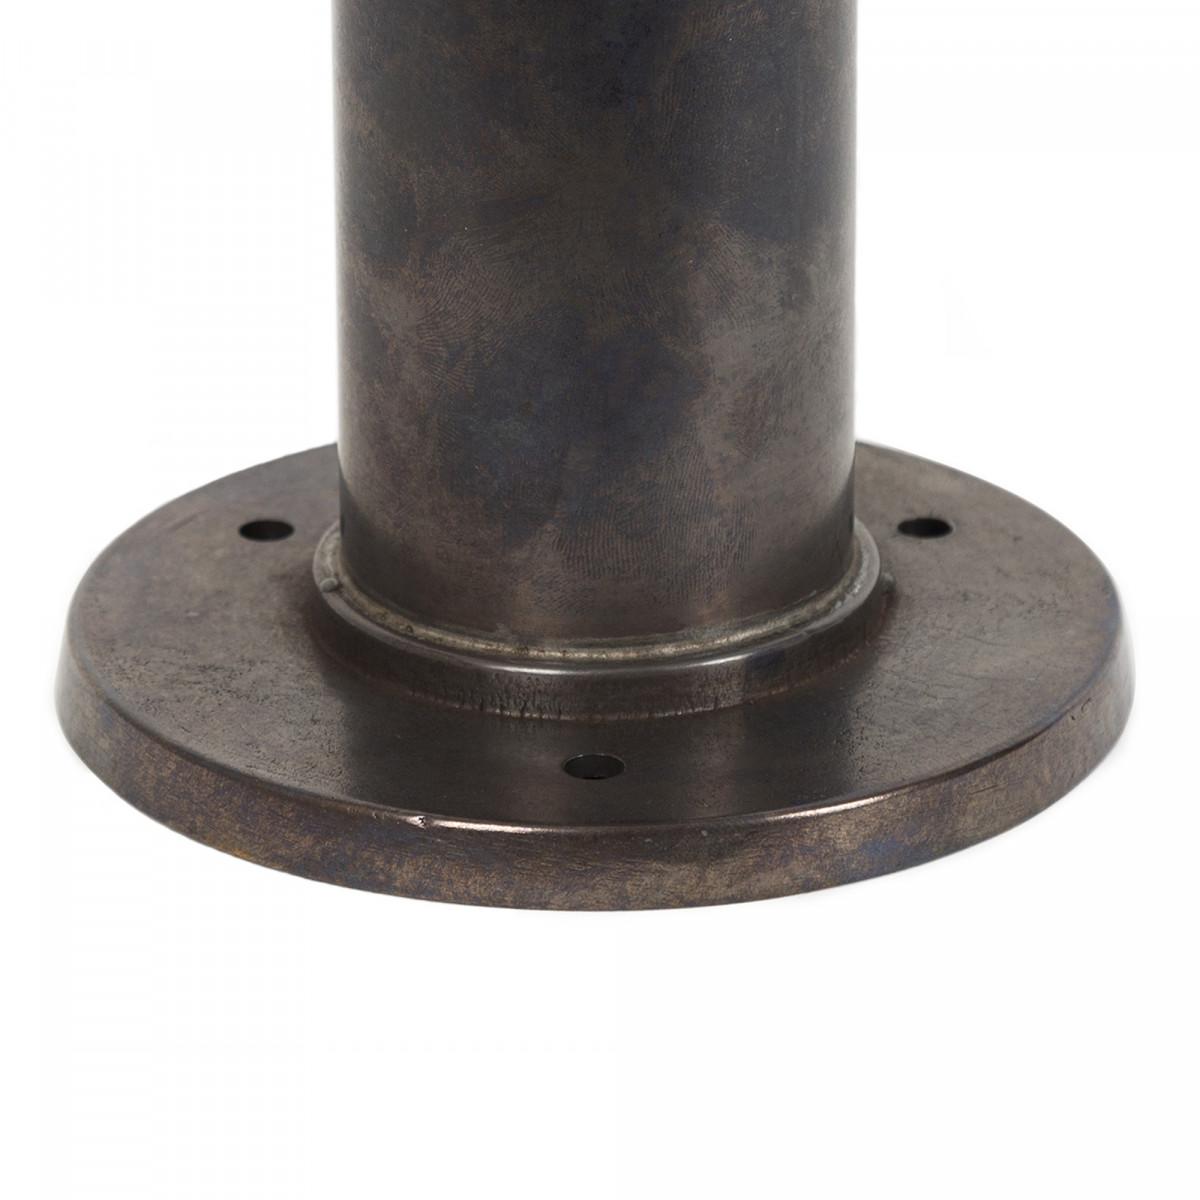 Resident 3 sokkellamp dark brass